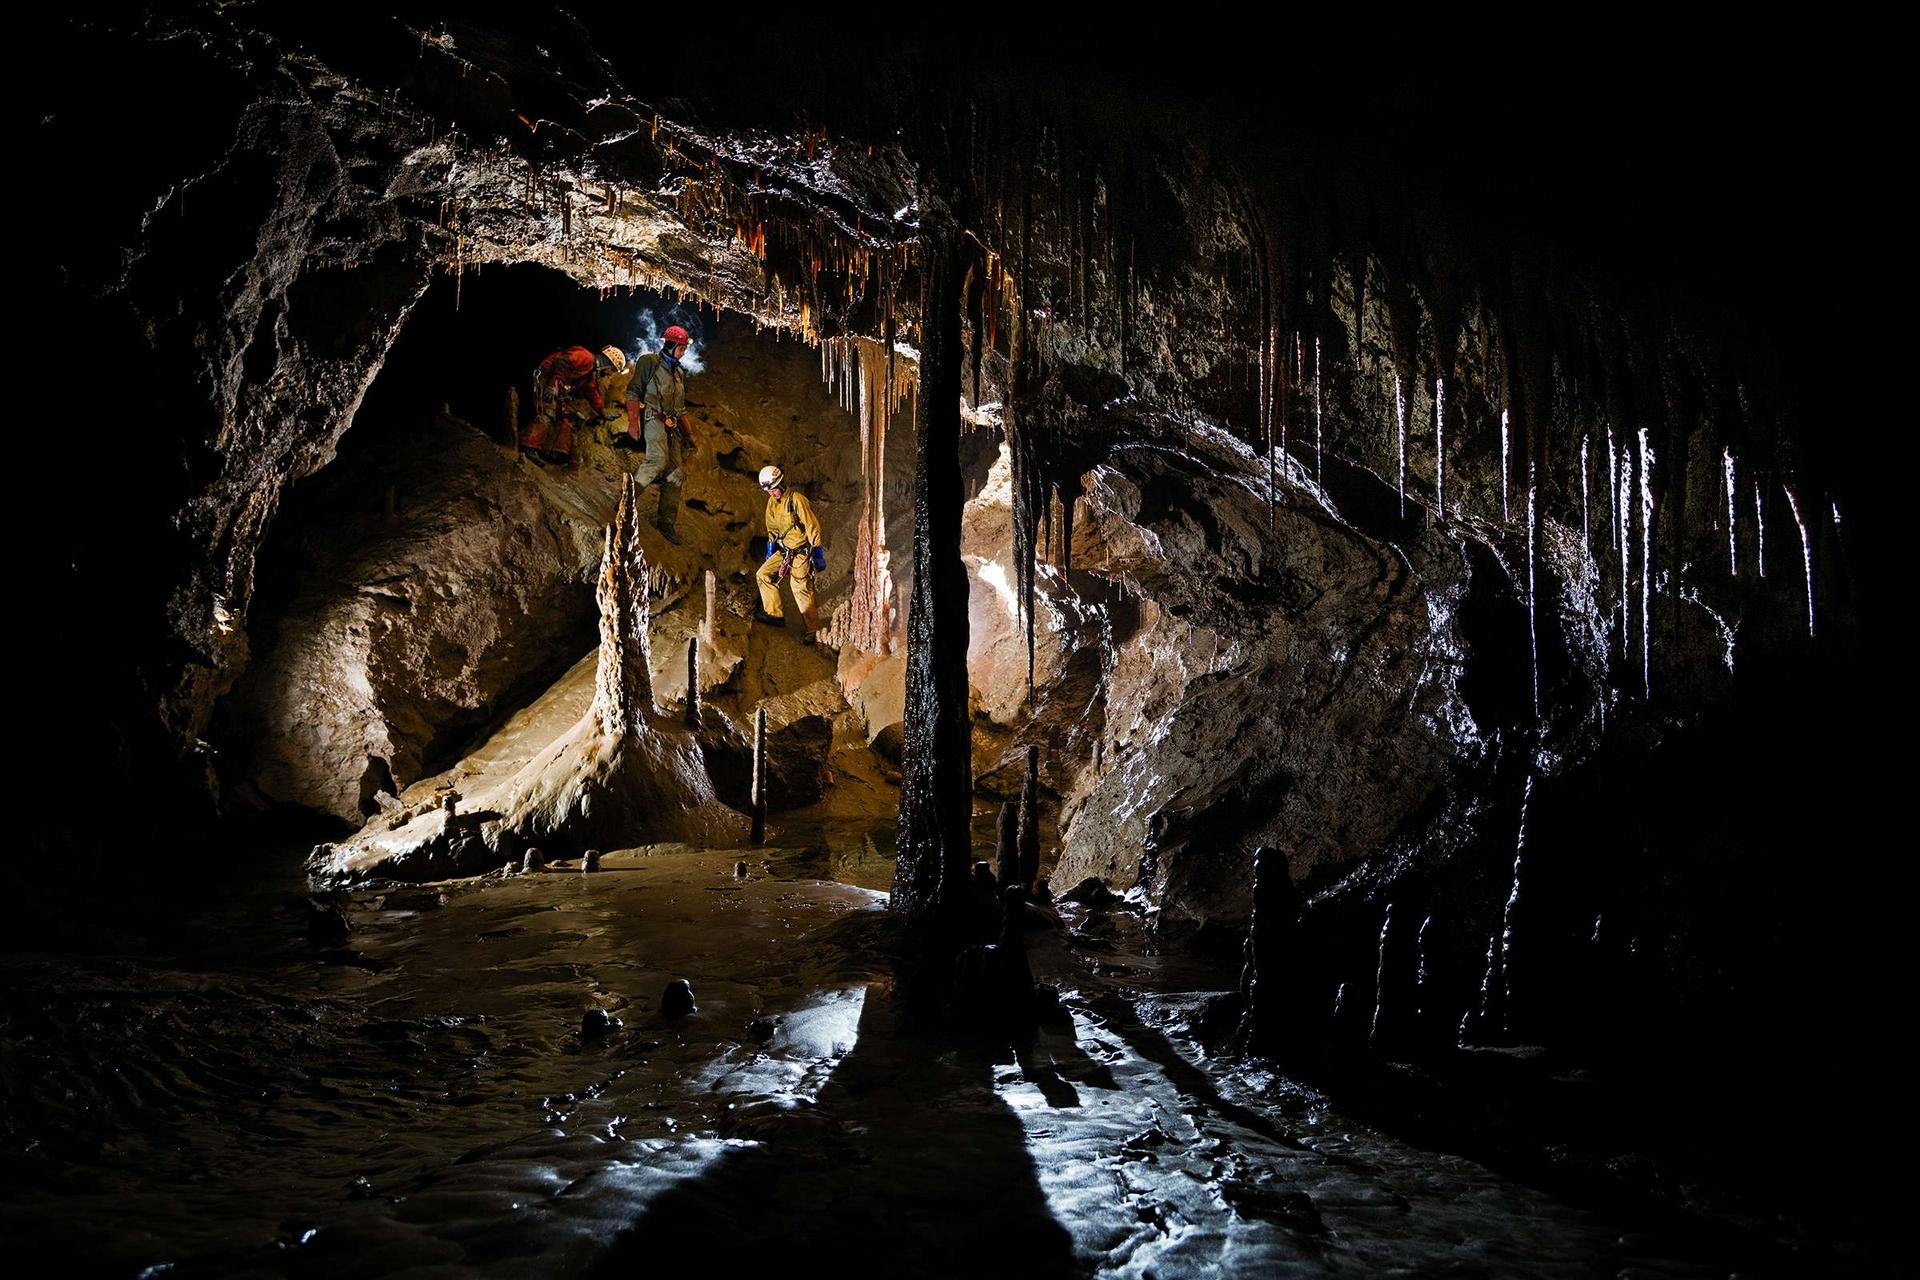 洞穴探險者垂降到維里亞夫基娜洞穴系統最底層的一個岩洞中。洪水期間,水位漲到岩洞頂端。攝影:羅比.肖恩